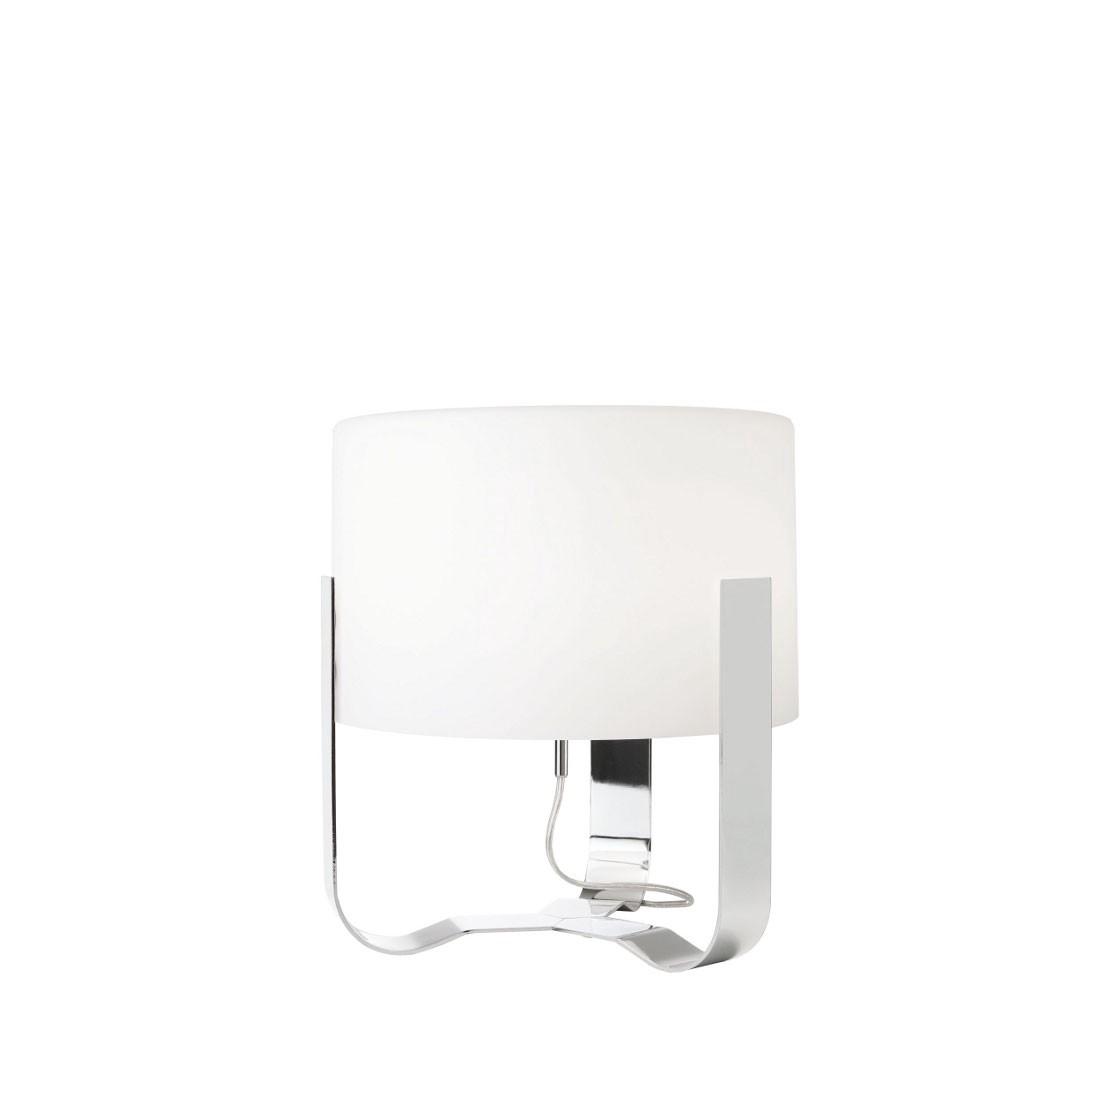 EEK A++, Tischleuchte Tripod – klein, Sompex kaufen